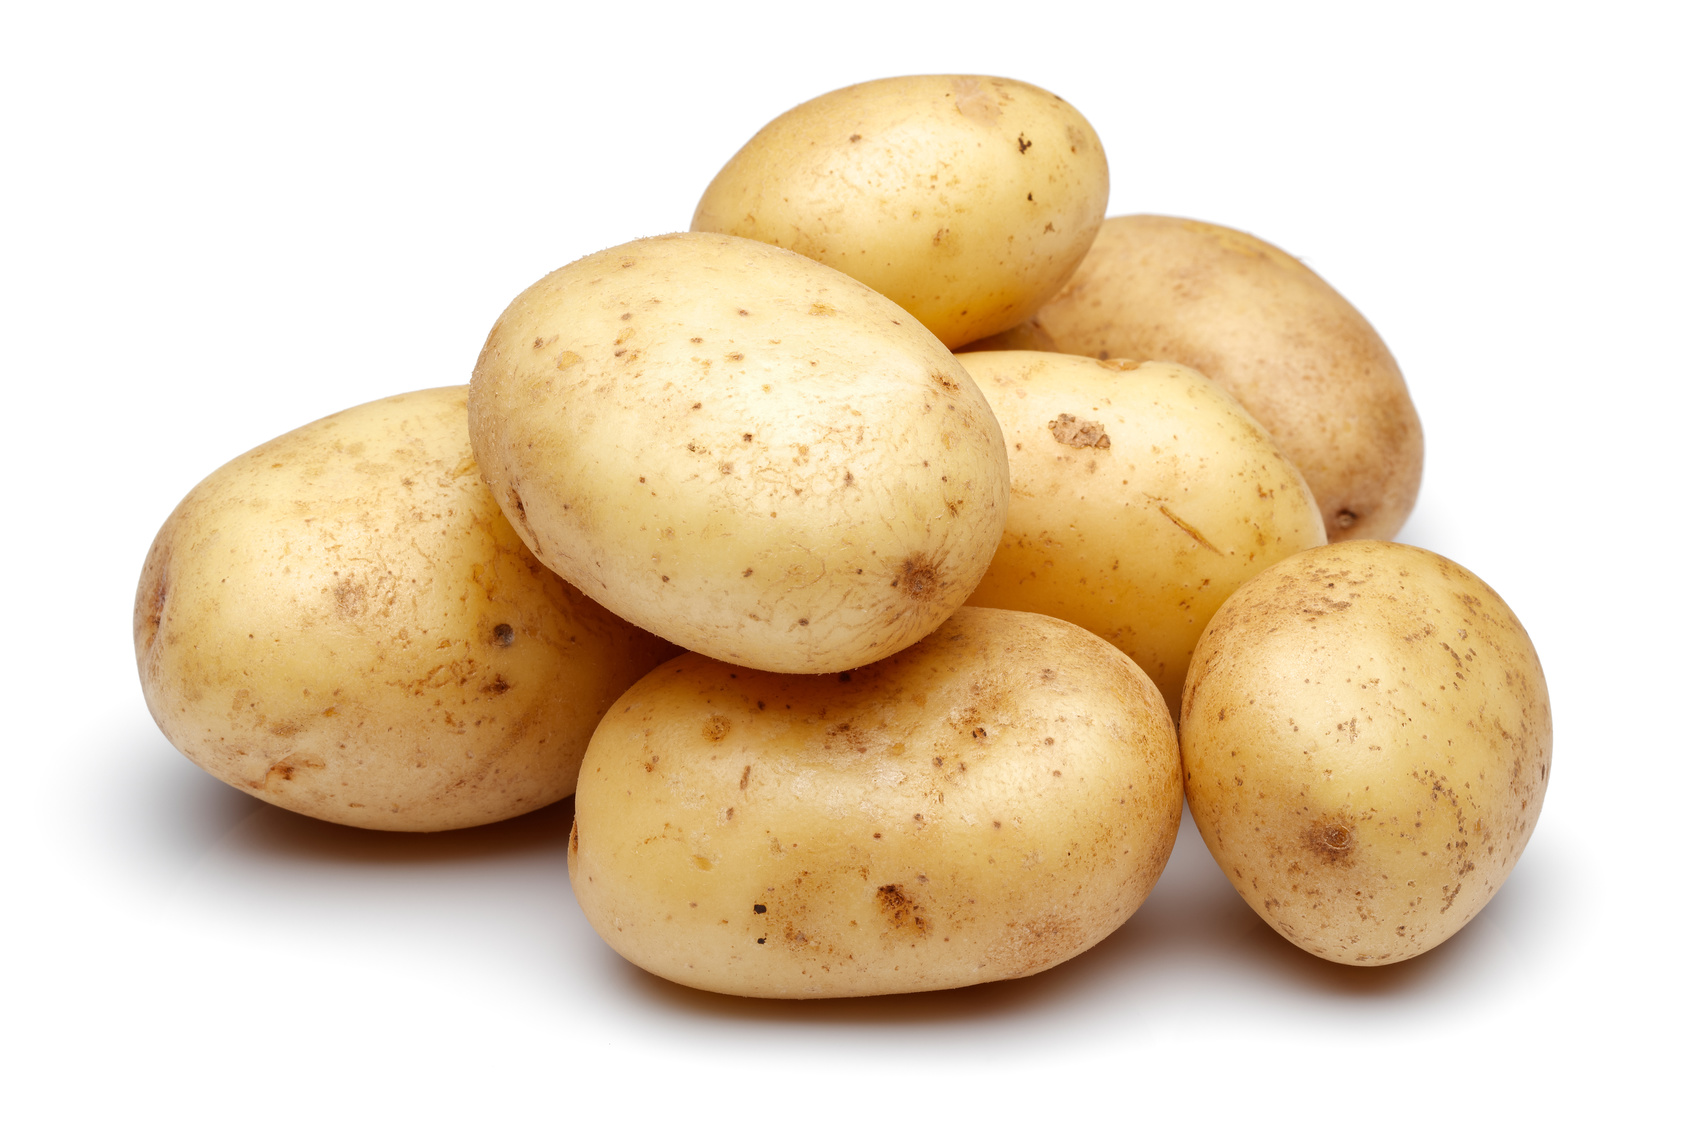 pomme de terre légume nutrition recette santé